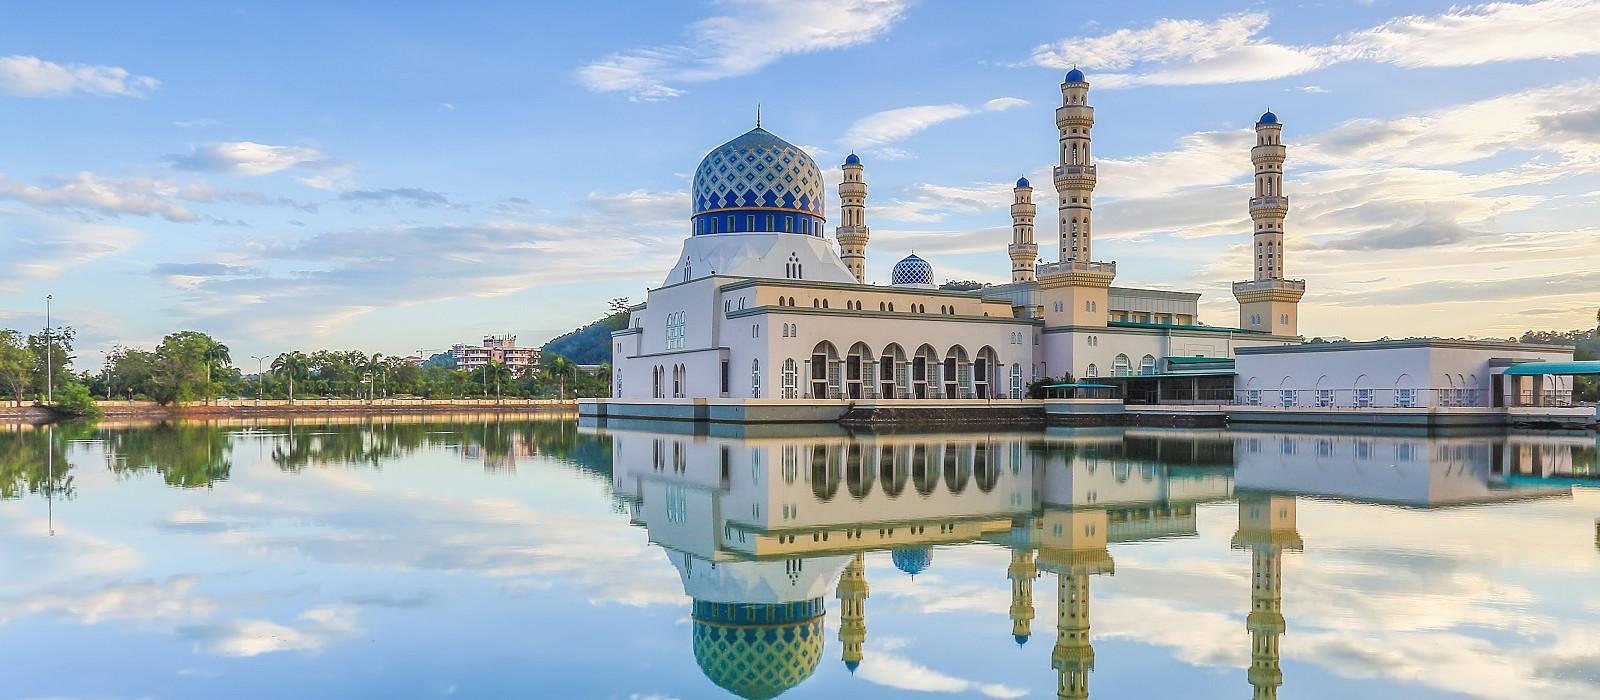 Malaysia-Kota-Kinabalu-Sabah-Masjid-Bandaraya-Likas - history of Malaysia